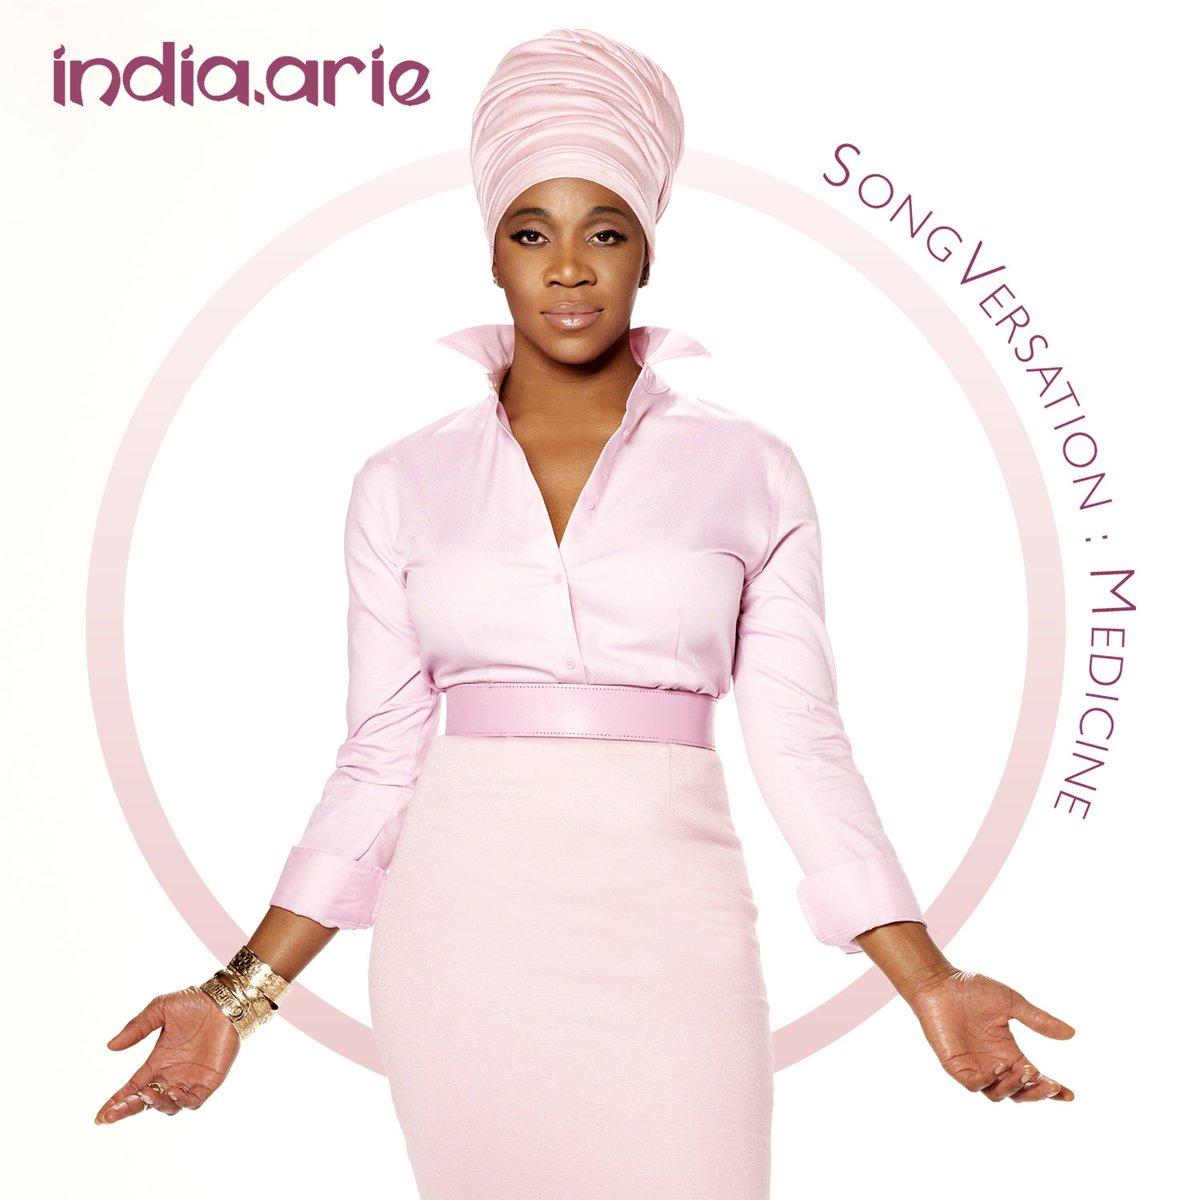 .@IndiaArie readies the release of her 'SongVersation: Medicine' EP ht...